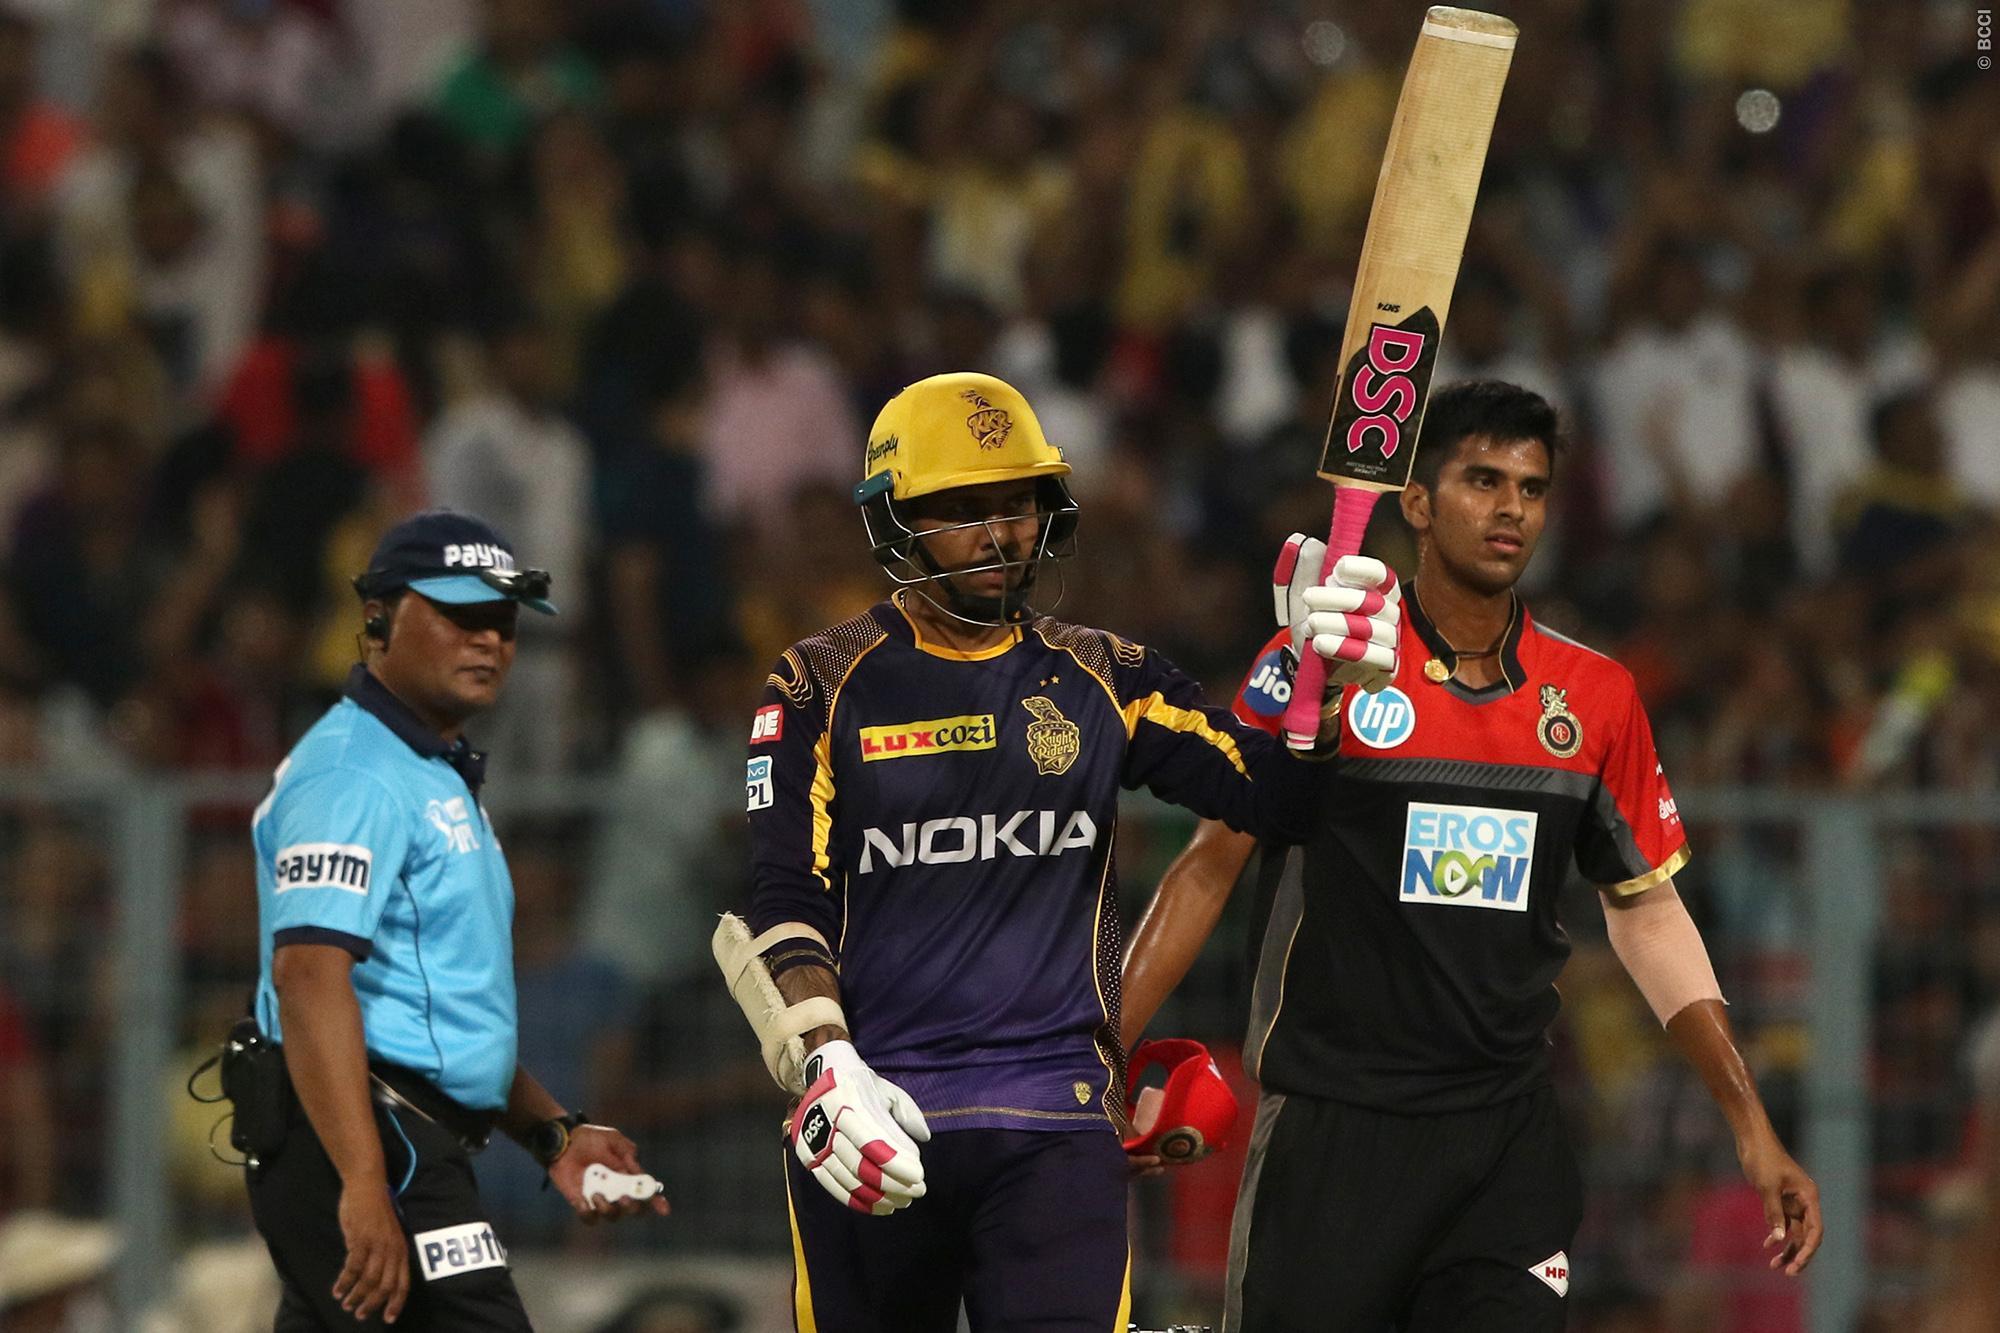 KKRvsRCB: बैंगलोर को 4 विकेट से हरा कोलकाता ने दर्ज किया पहली जीत, मायूस हुए विराट